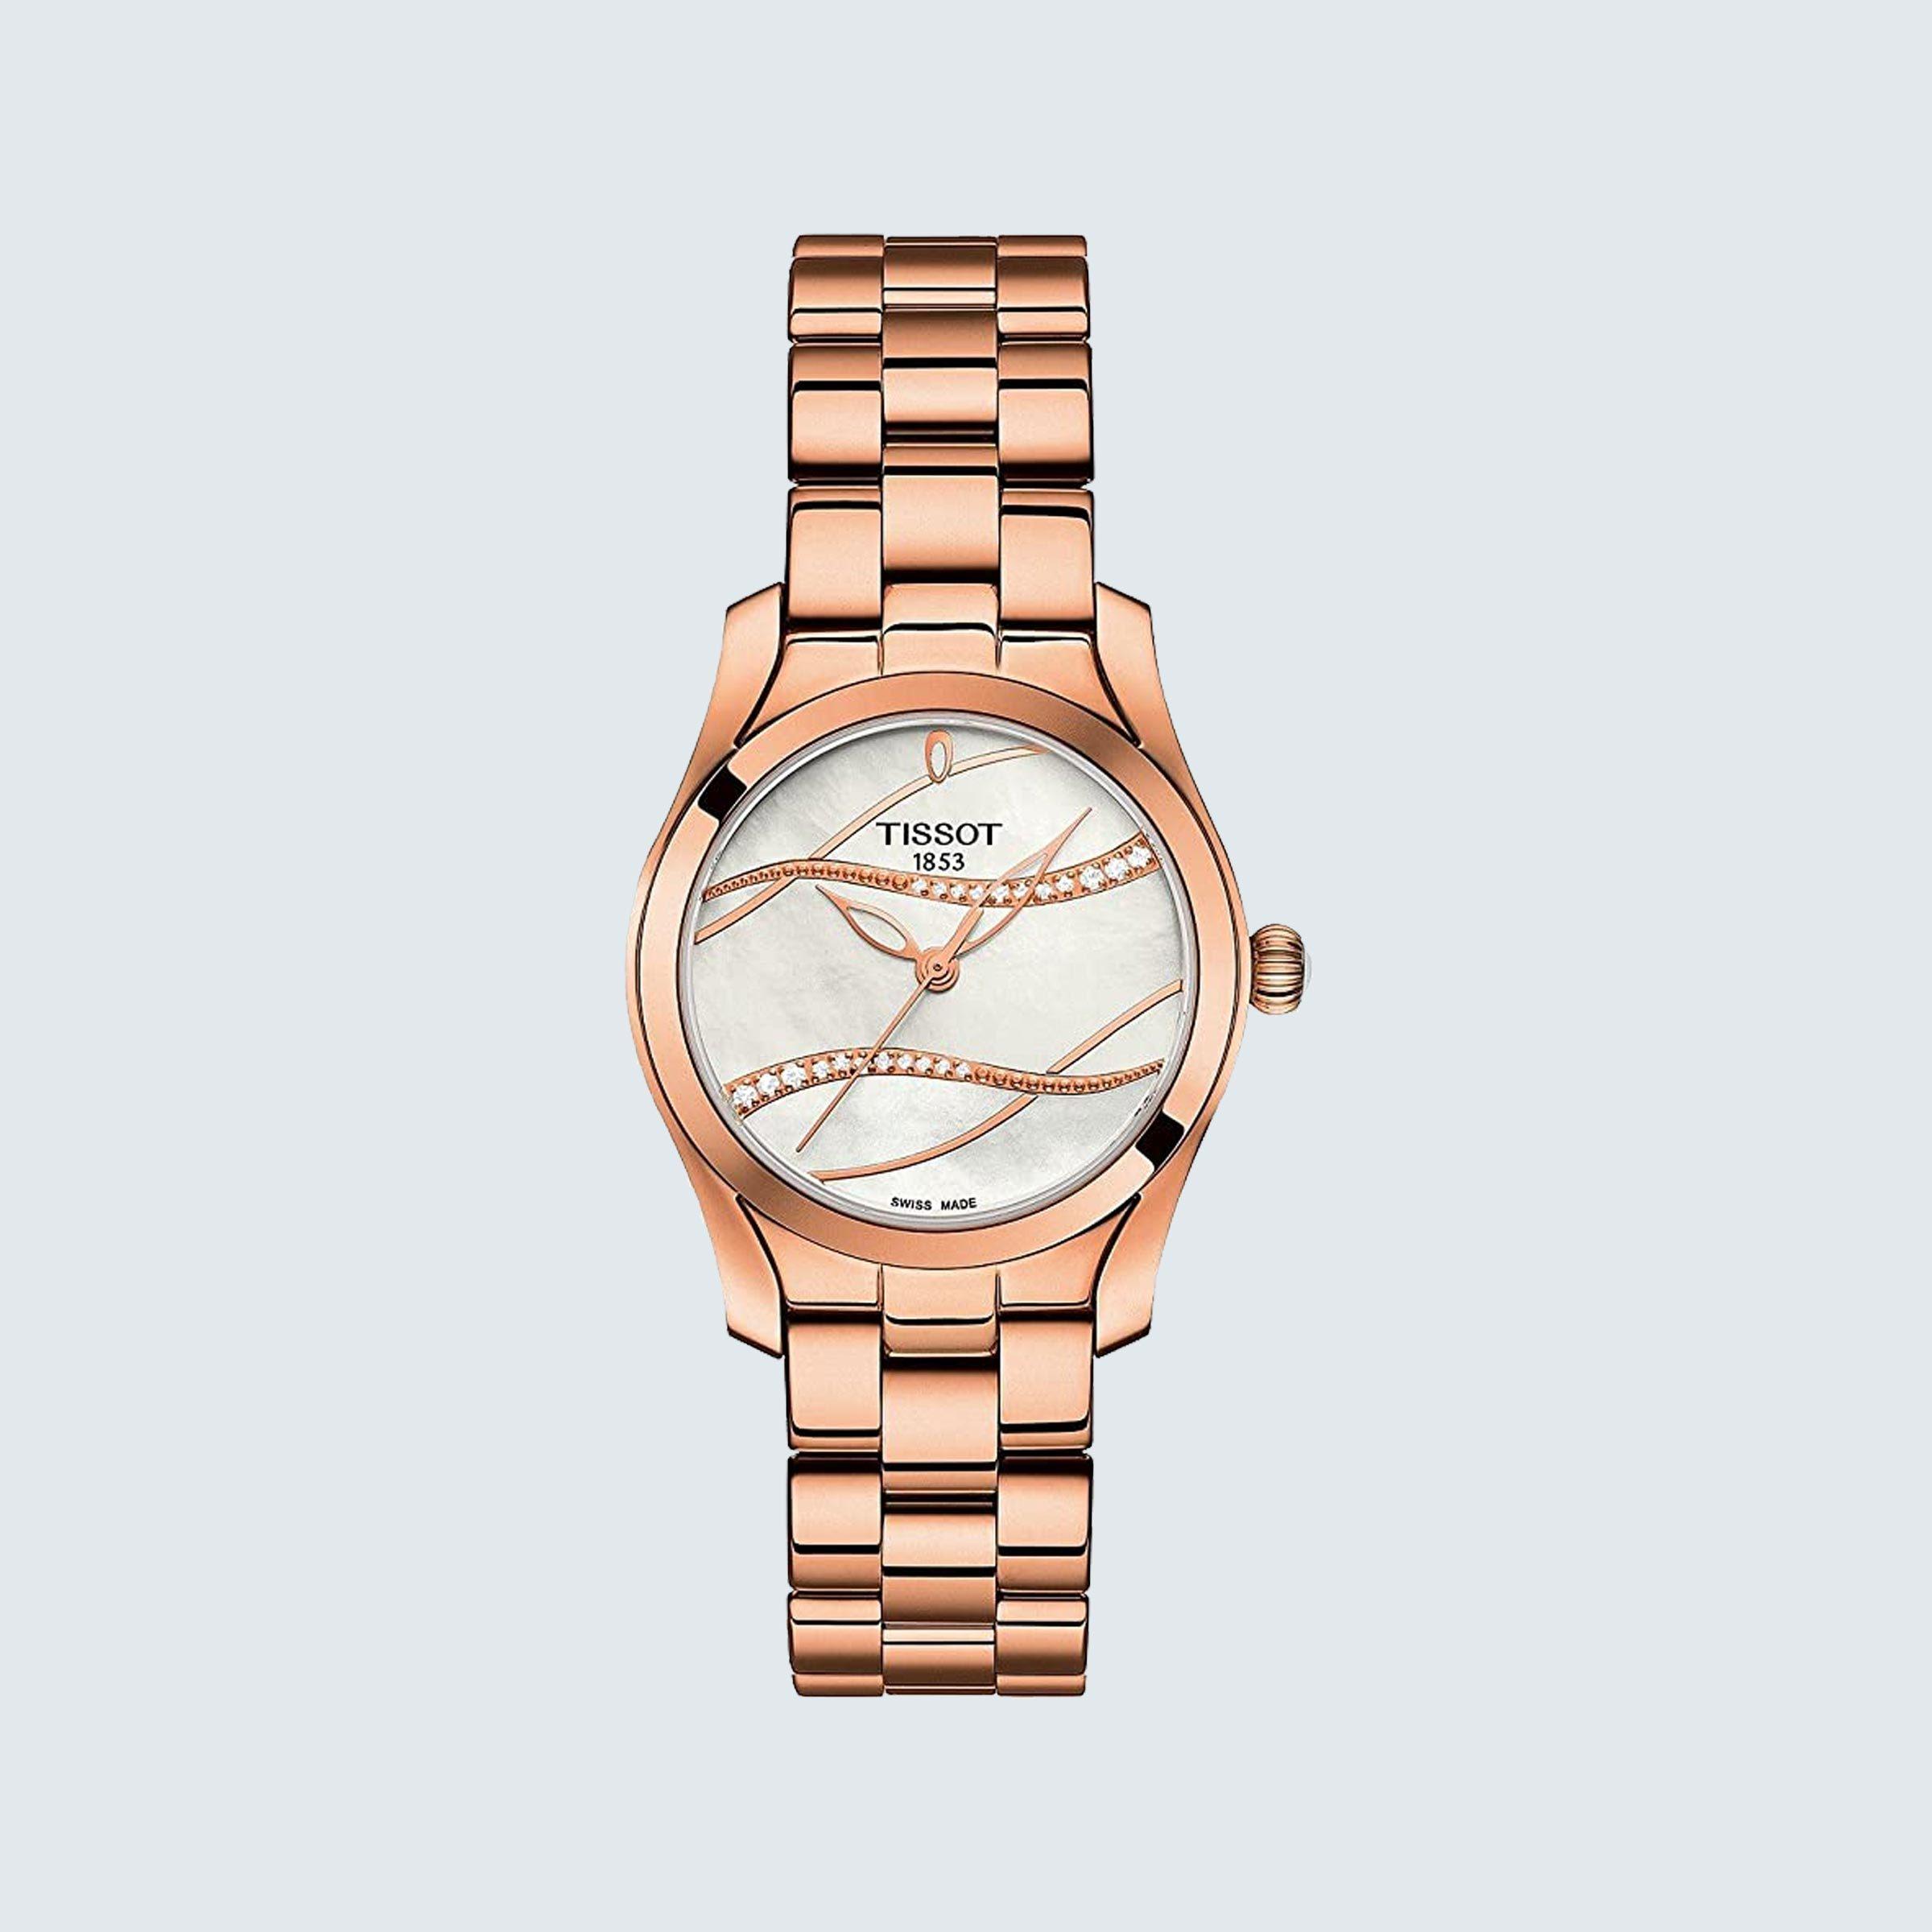 Tissot T-Wave Watch